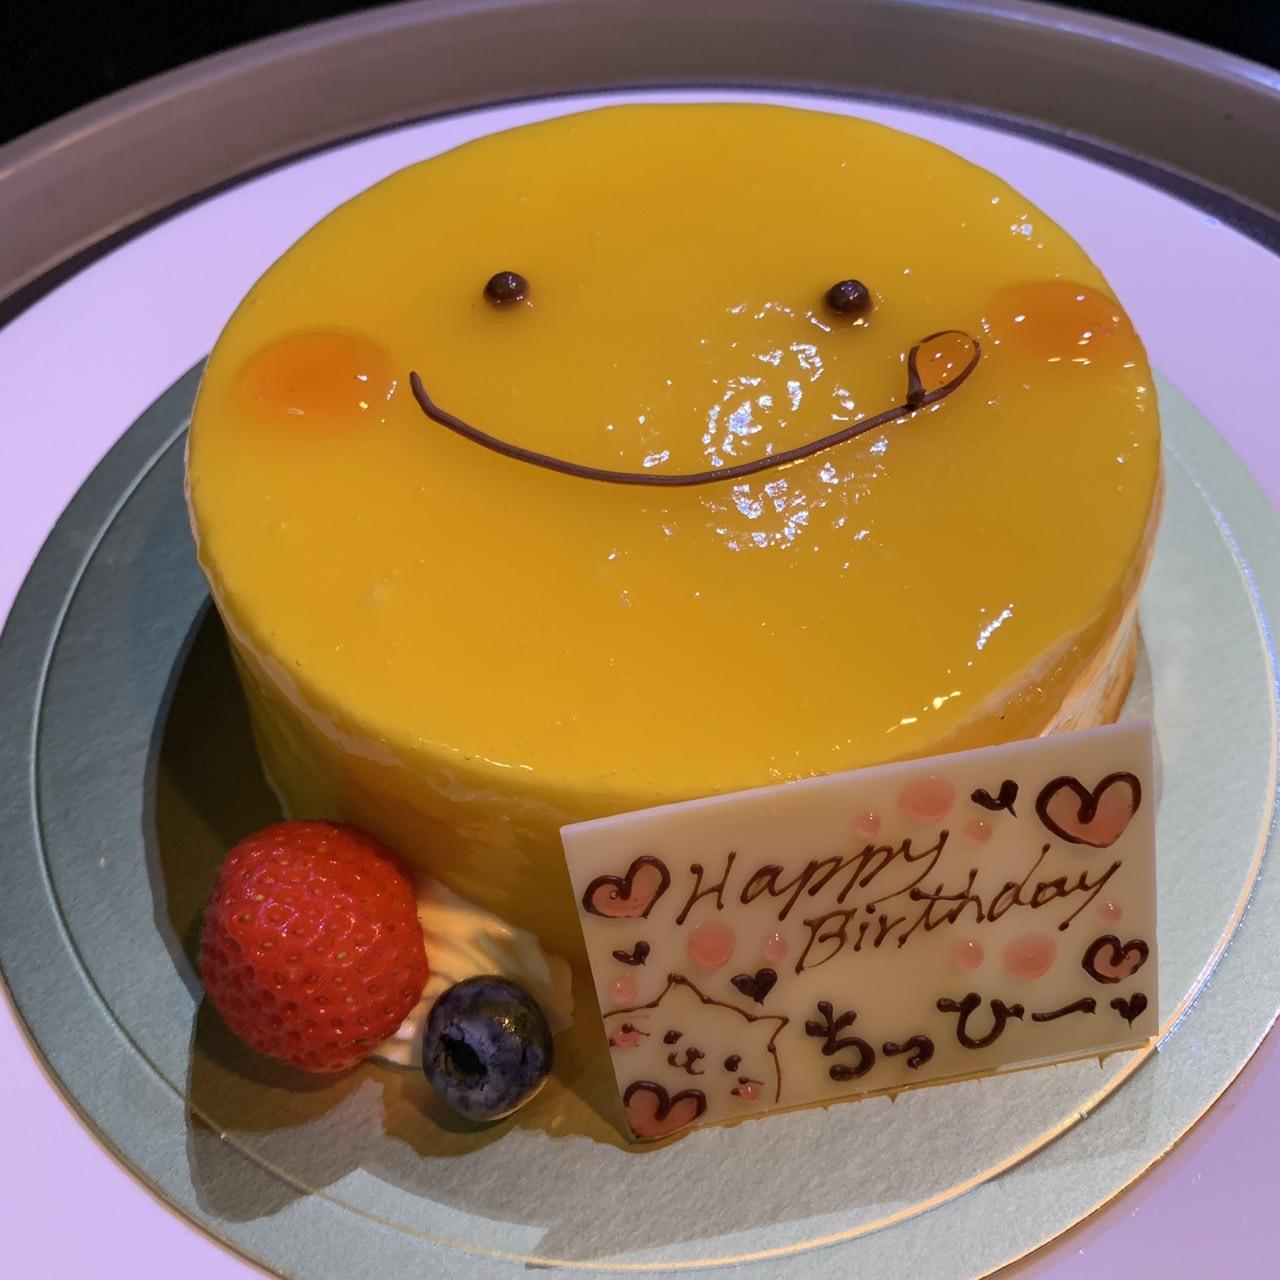 「米倉千尋 Birthday Acoustic Live 2019 〜極上バラードの夜宴〜」ありがとうメモリー🌟_a0114206_16241336.jpeg